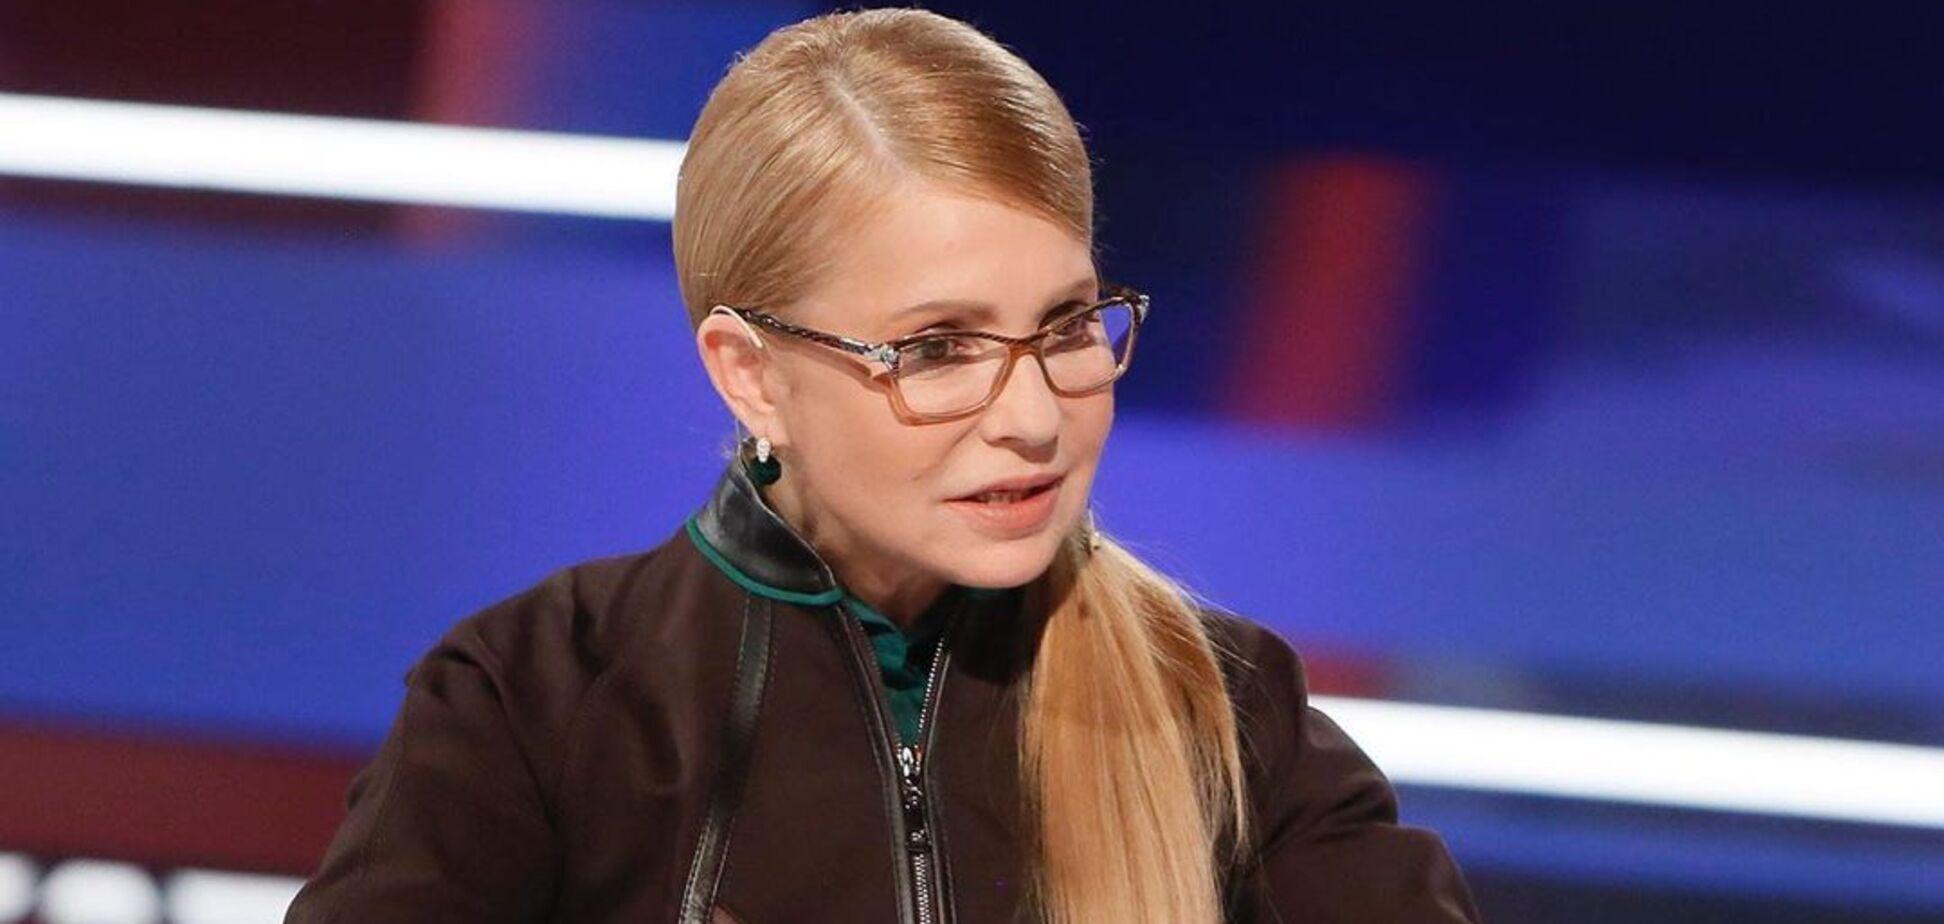 Тимошенко прийшла в Раду з розпущеним волоссям. Фото